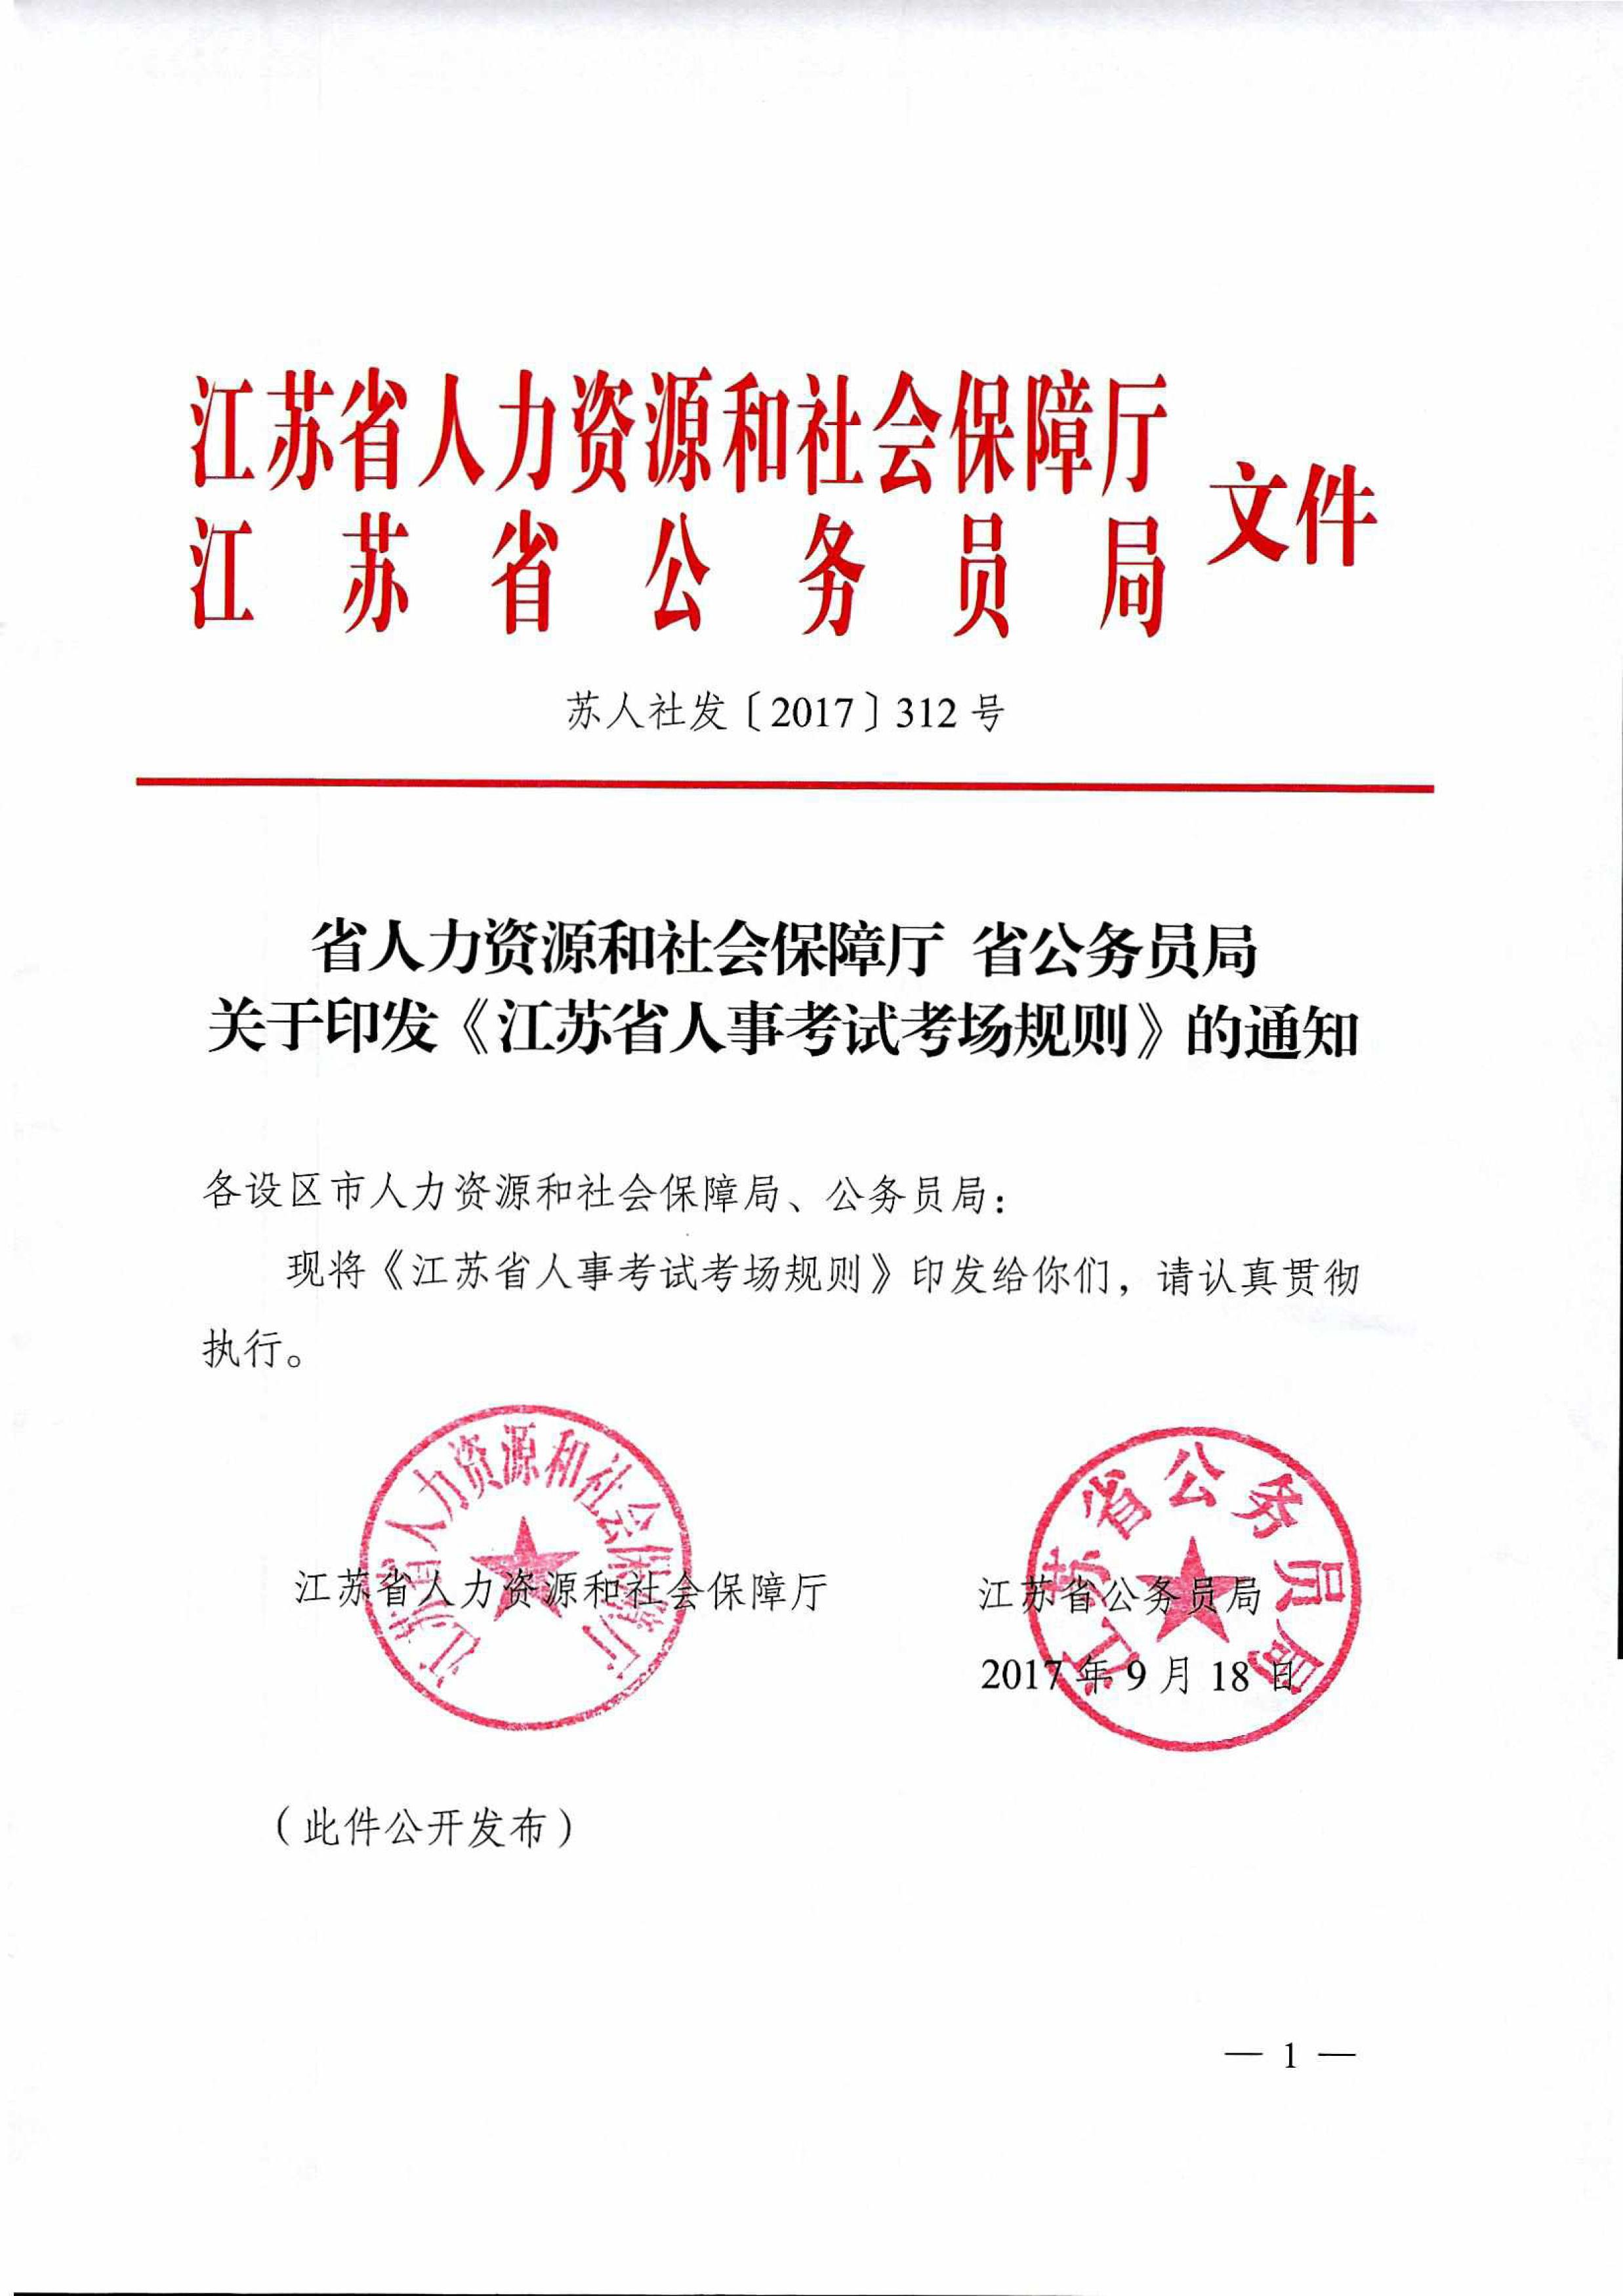 江苏公务员考试考场规则